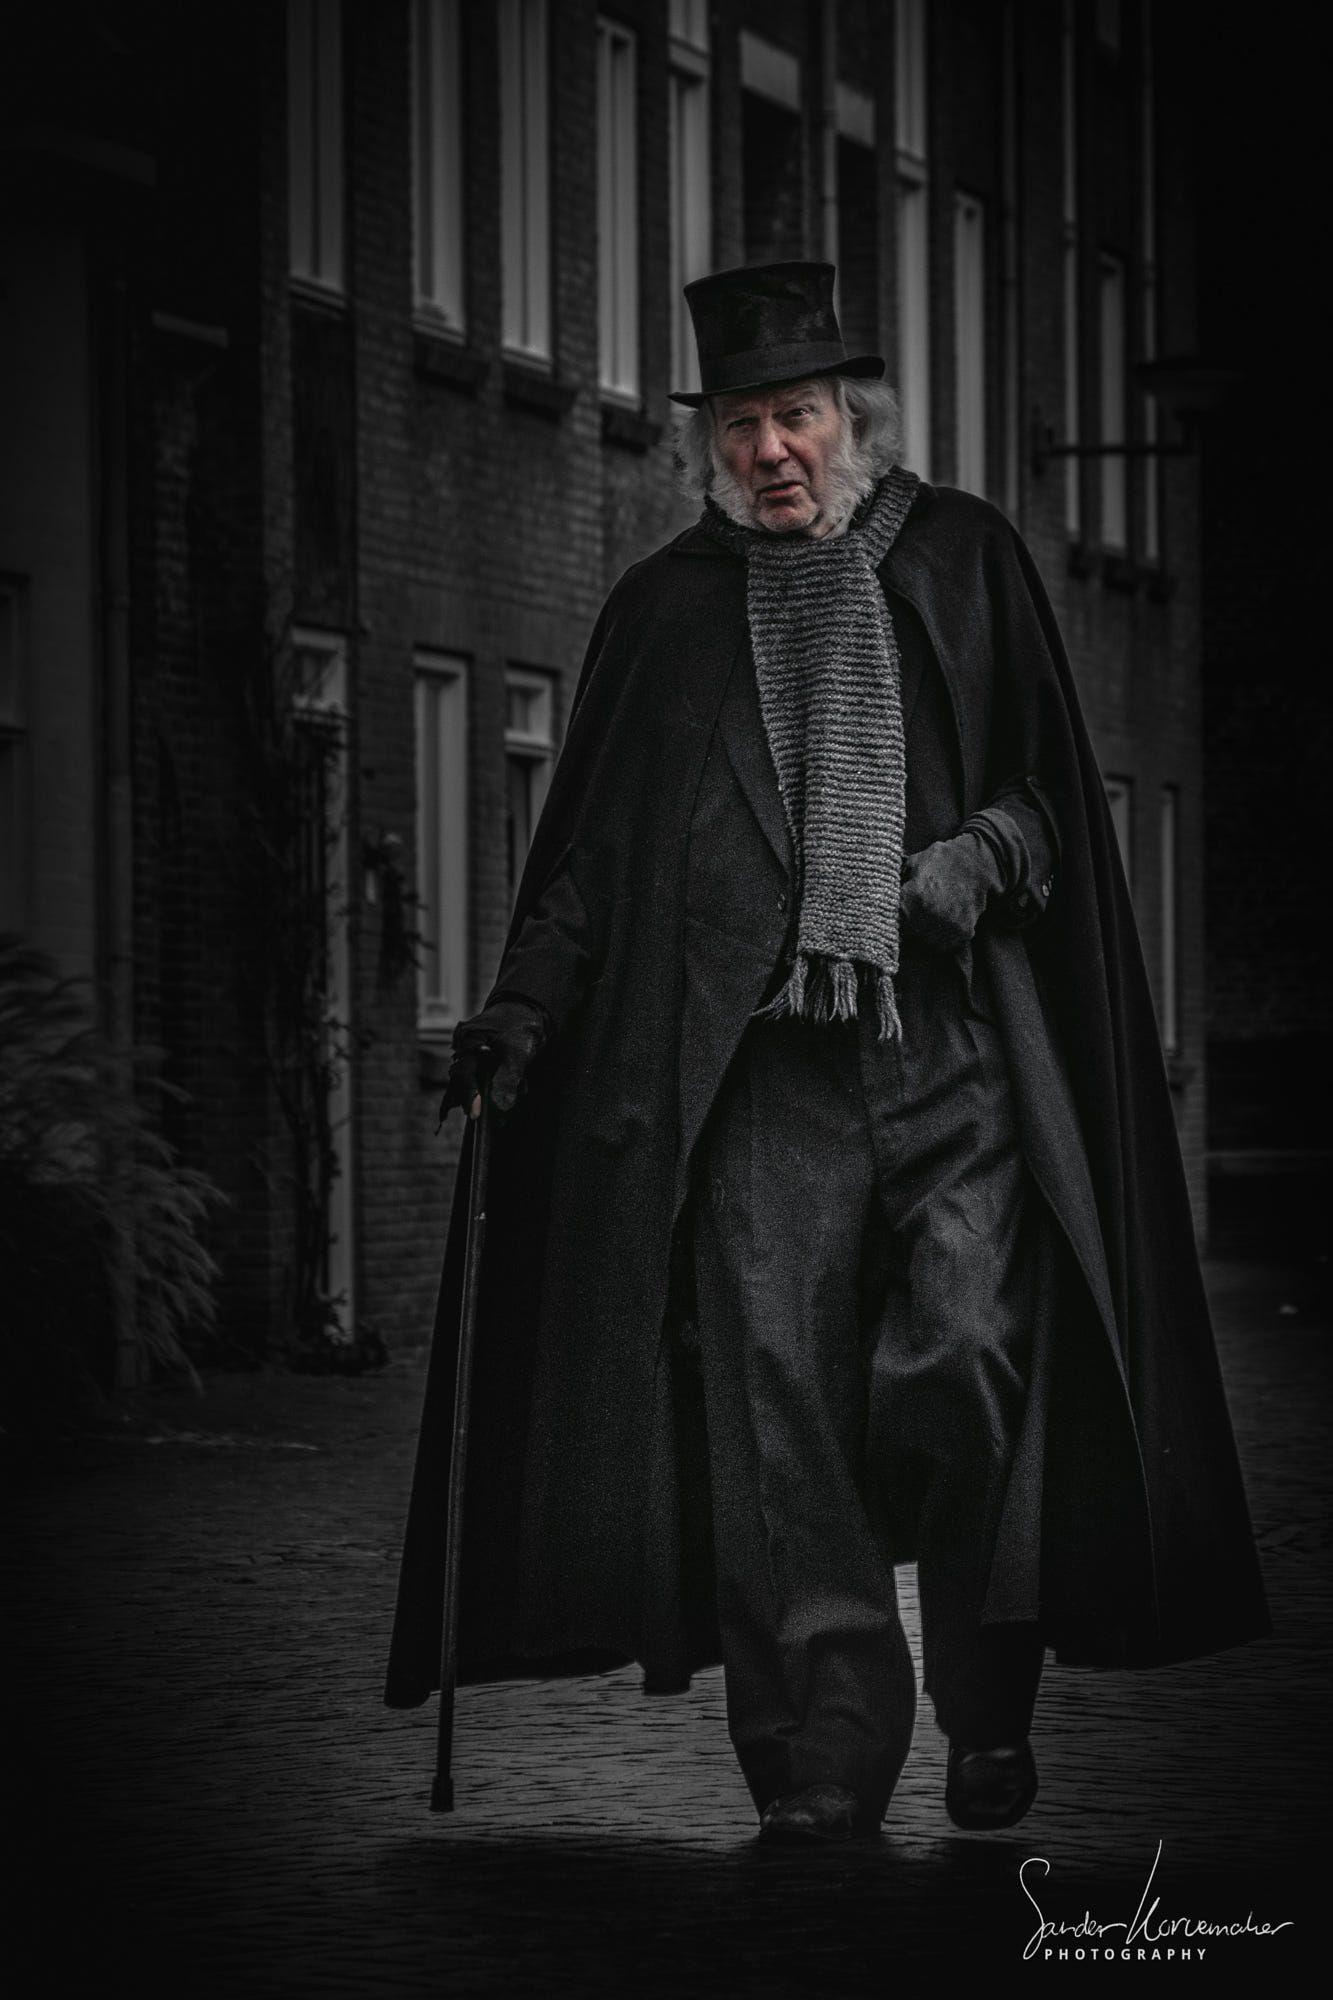 Ebenezer Scrooge | dark lights | Pinterest | Ebenezer scrooge ...